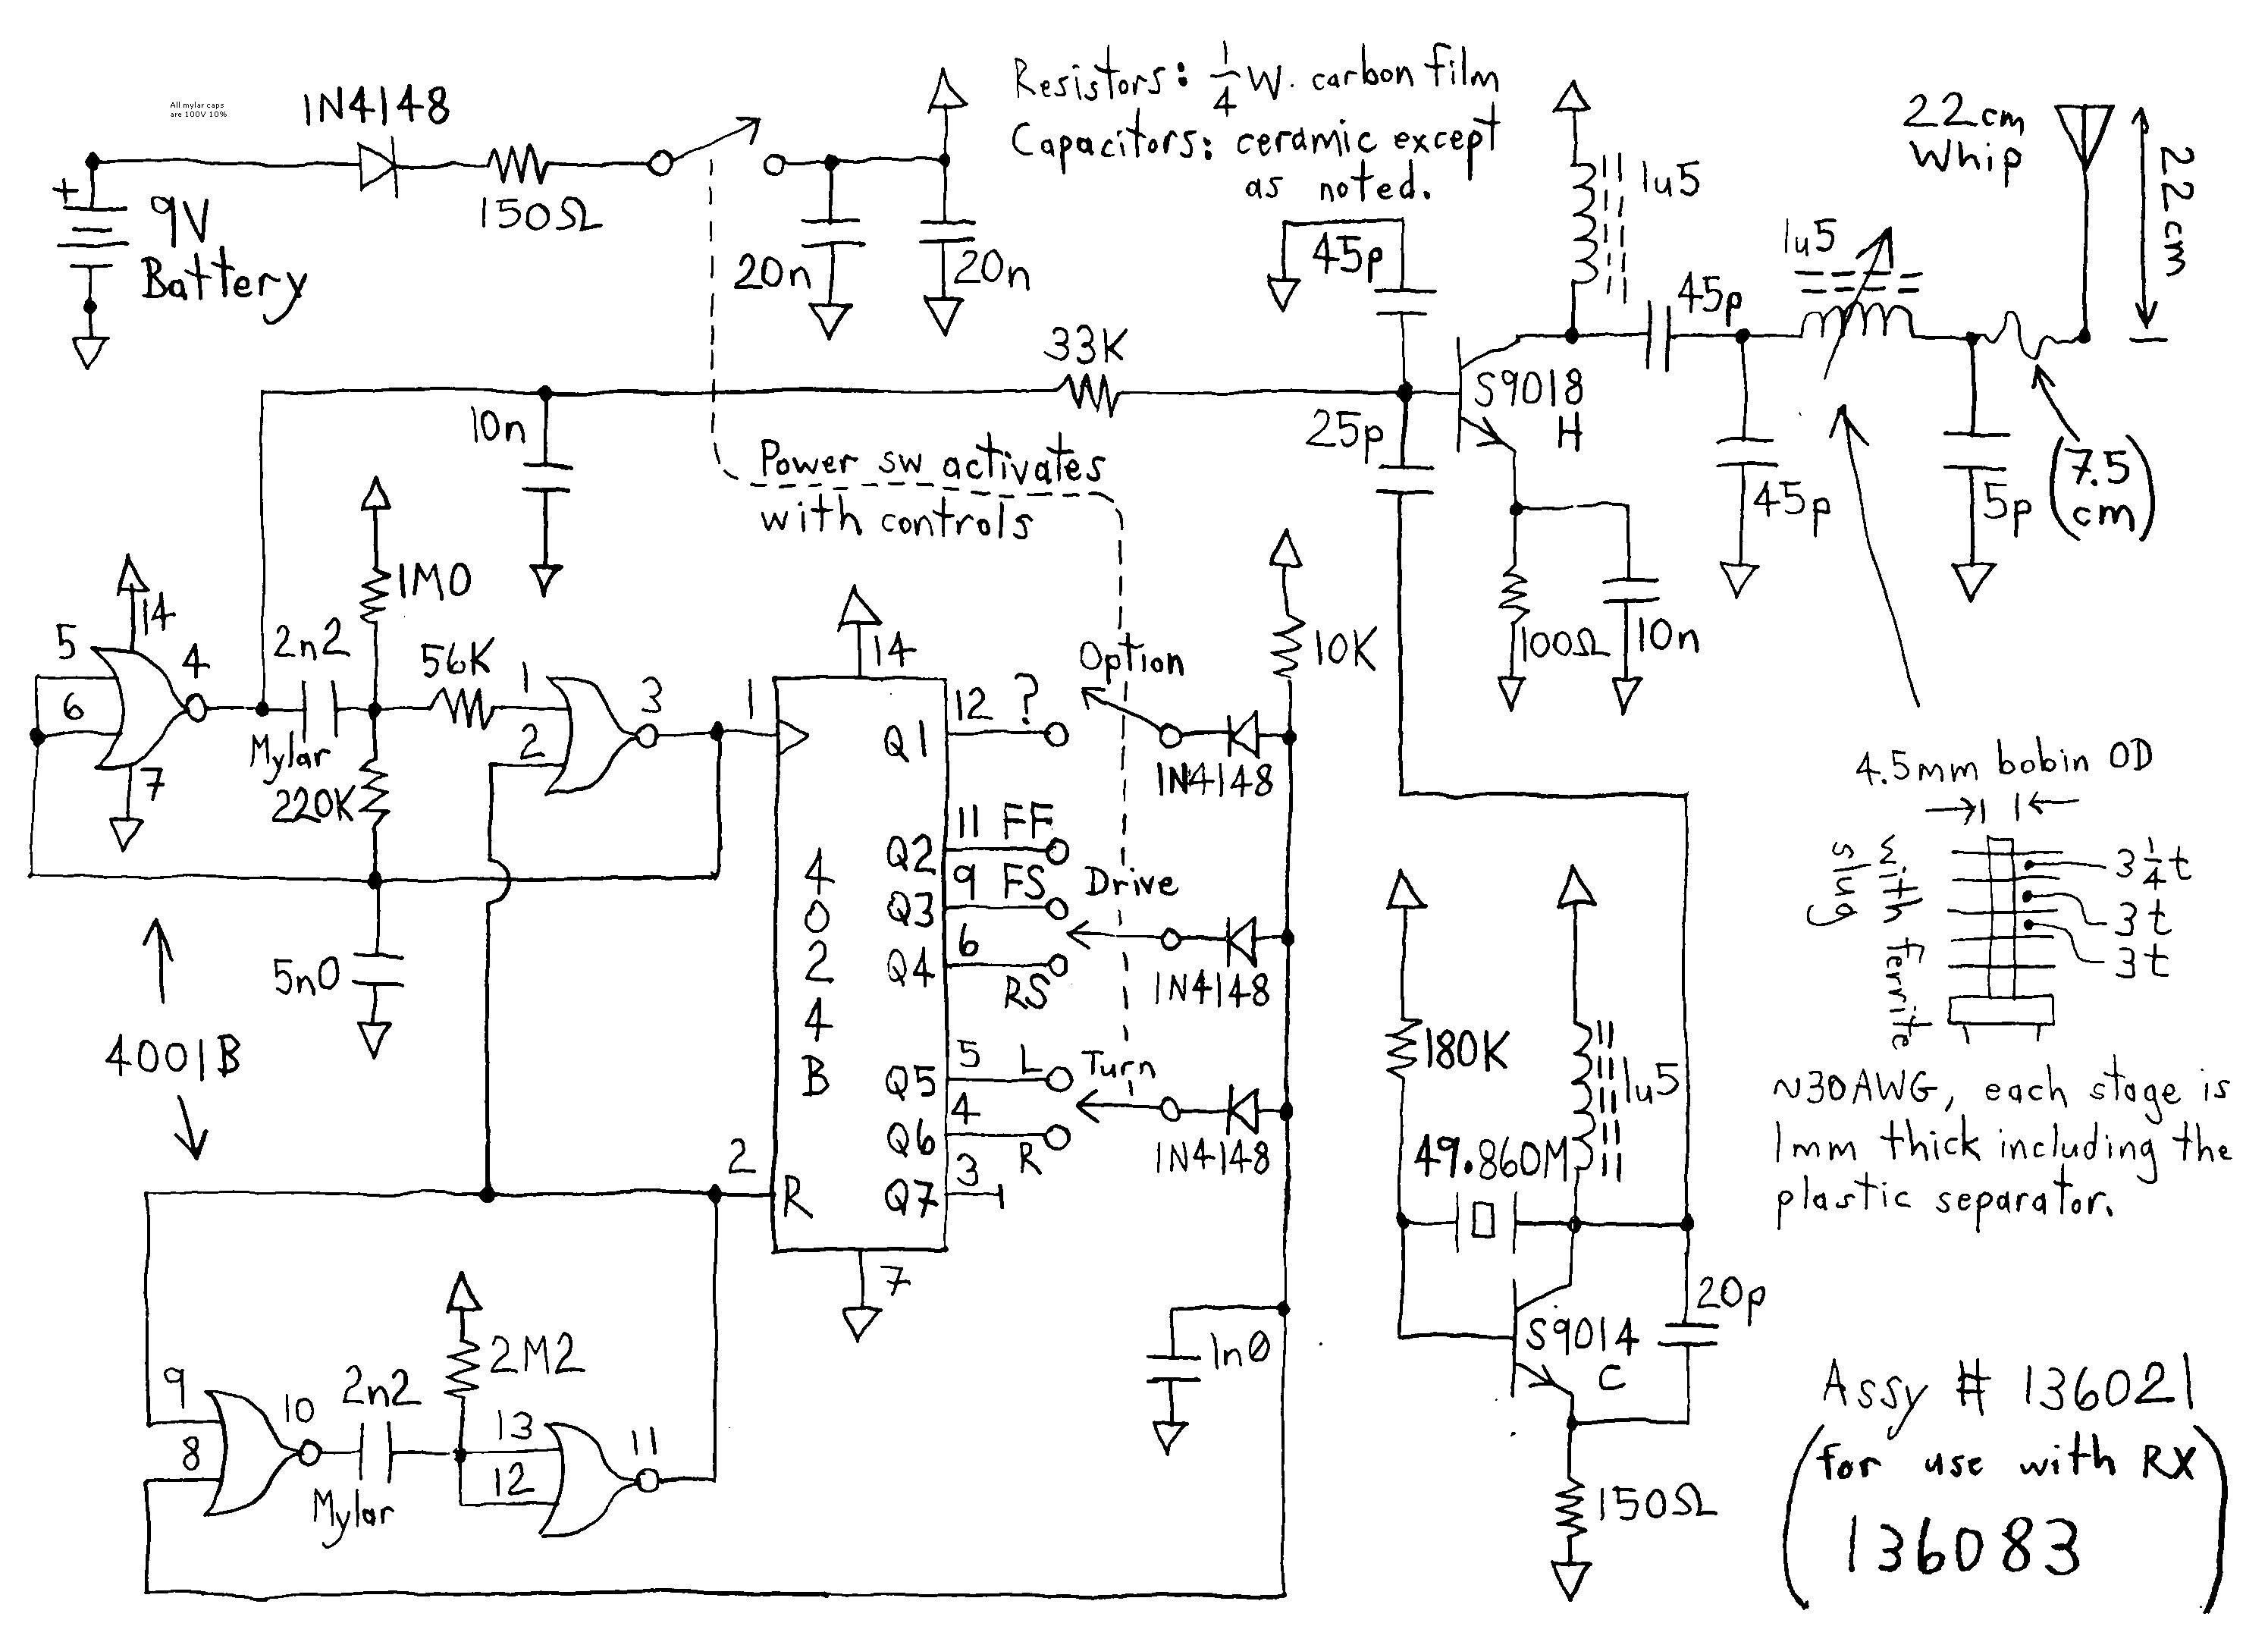 4 Wire Trailer Diagram 4 Way Trailer Wiring Diagram Unique 5 Wire Trailer Plug Diagram Rate Of 4 Wire Trailer Diagram Household Male Plug Wiring Diagram